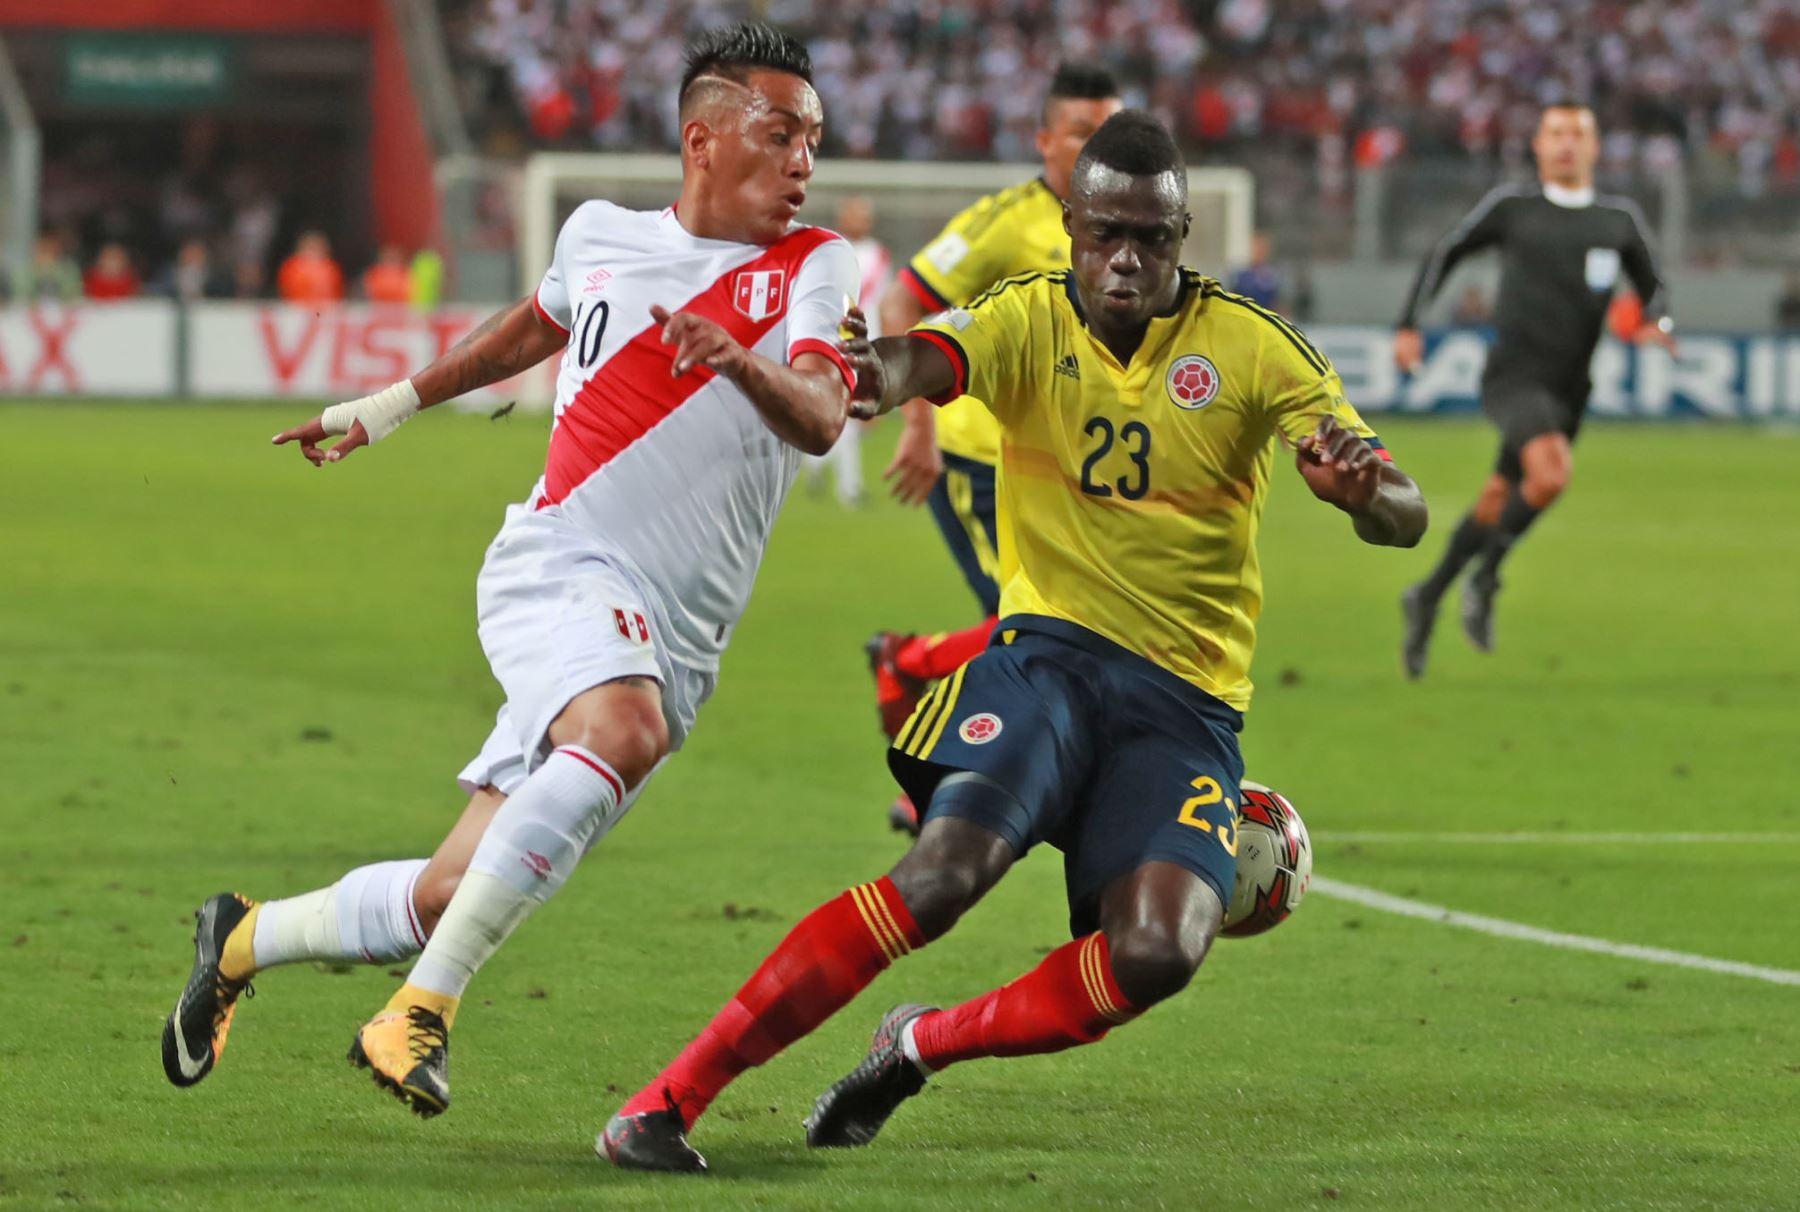 Perú y Colombia jugarán amistoso el 9 de junio en Lima